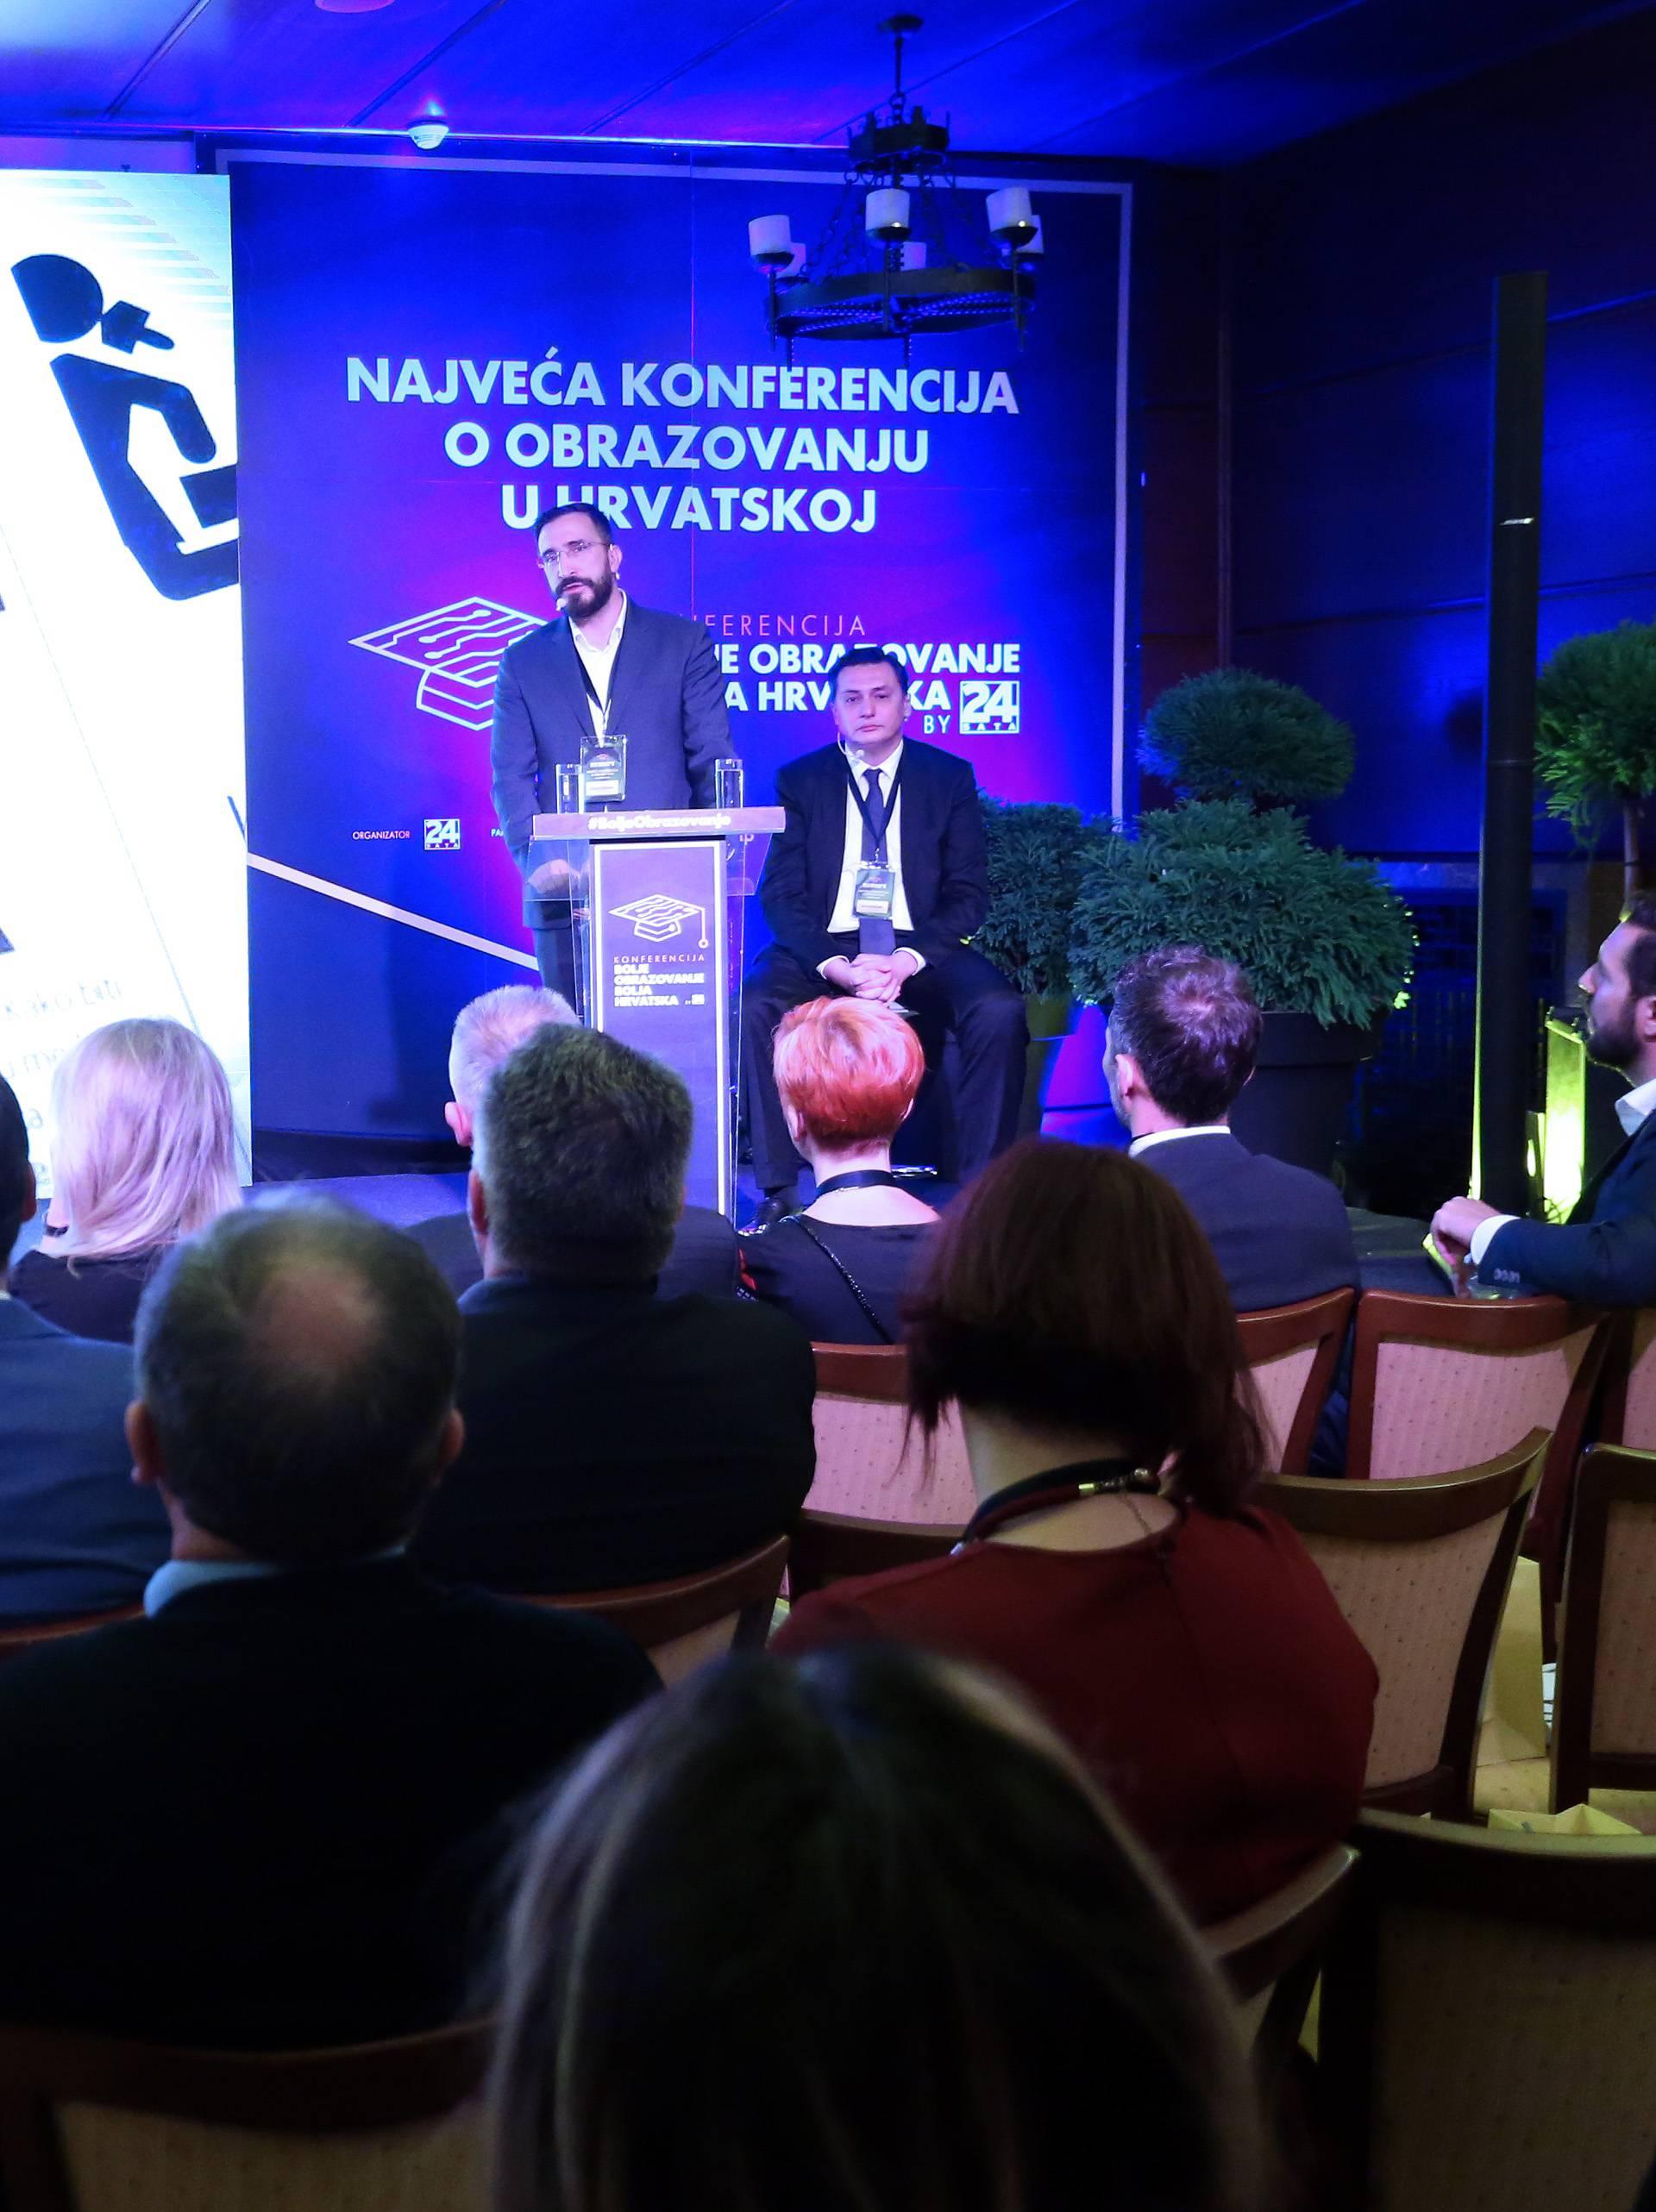 Konferencija o obrazovanju: Što donosi diploma u Hrvatskoj